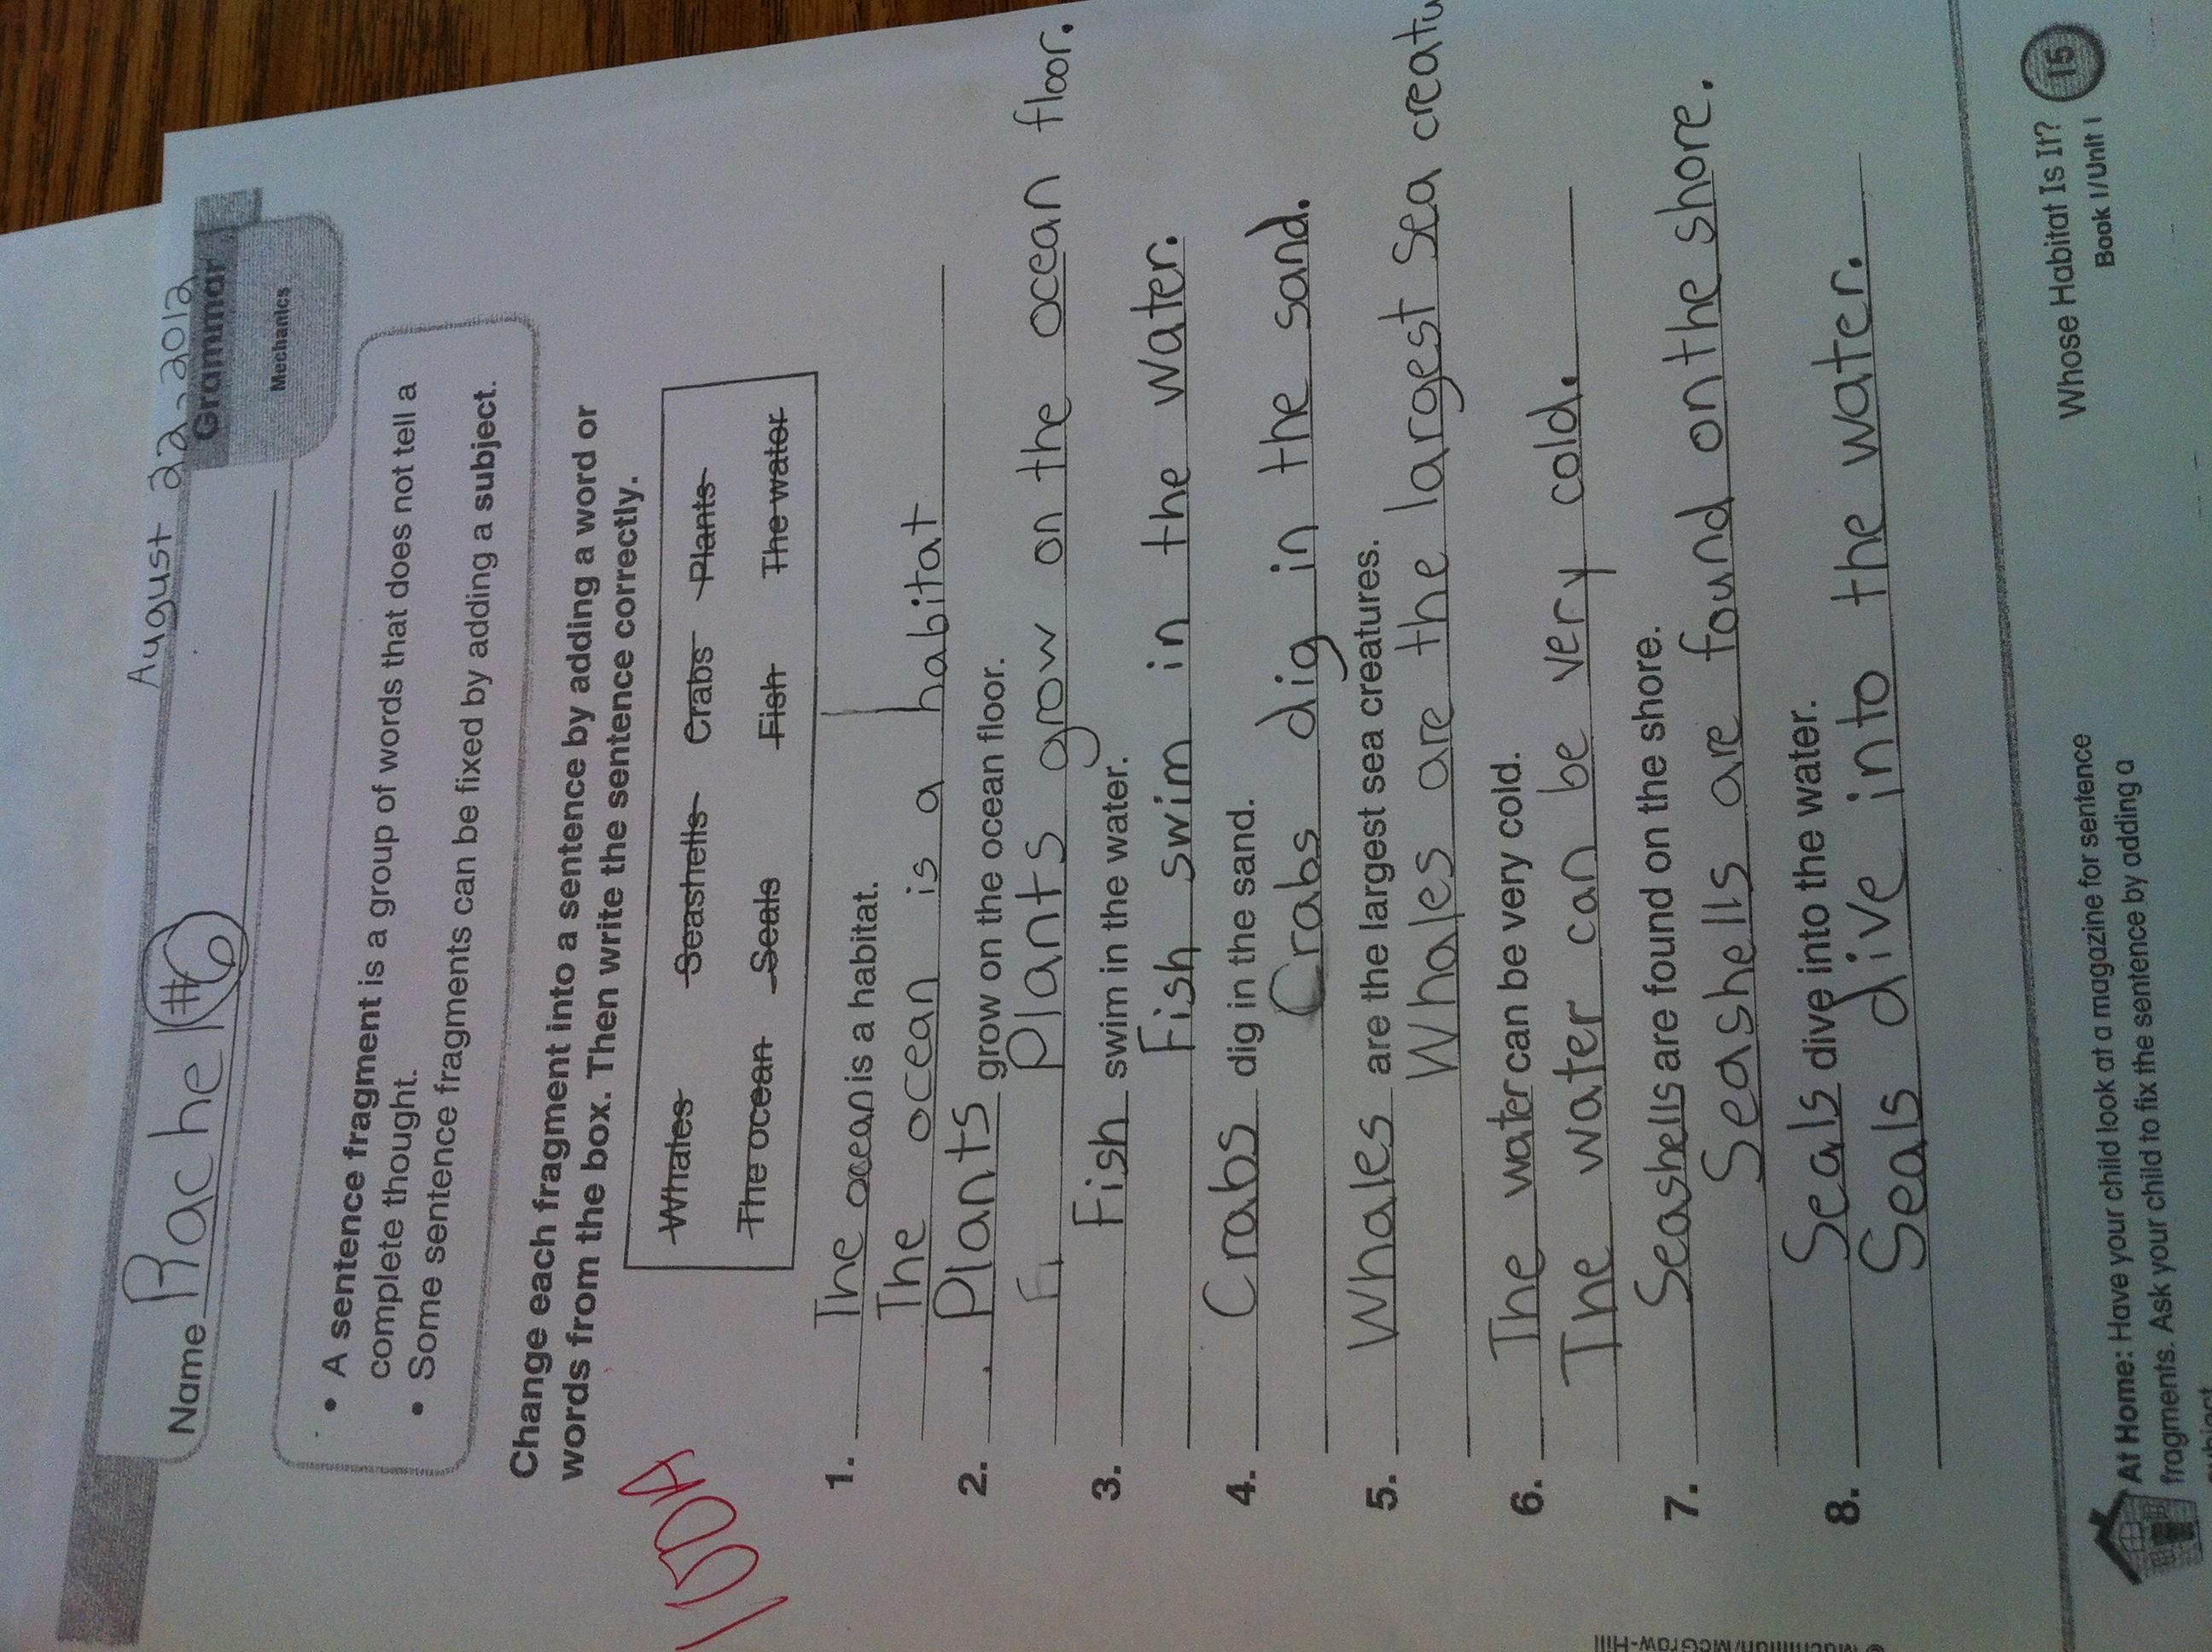 Sentence Fragment Worksheet